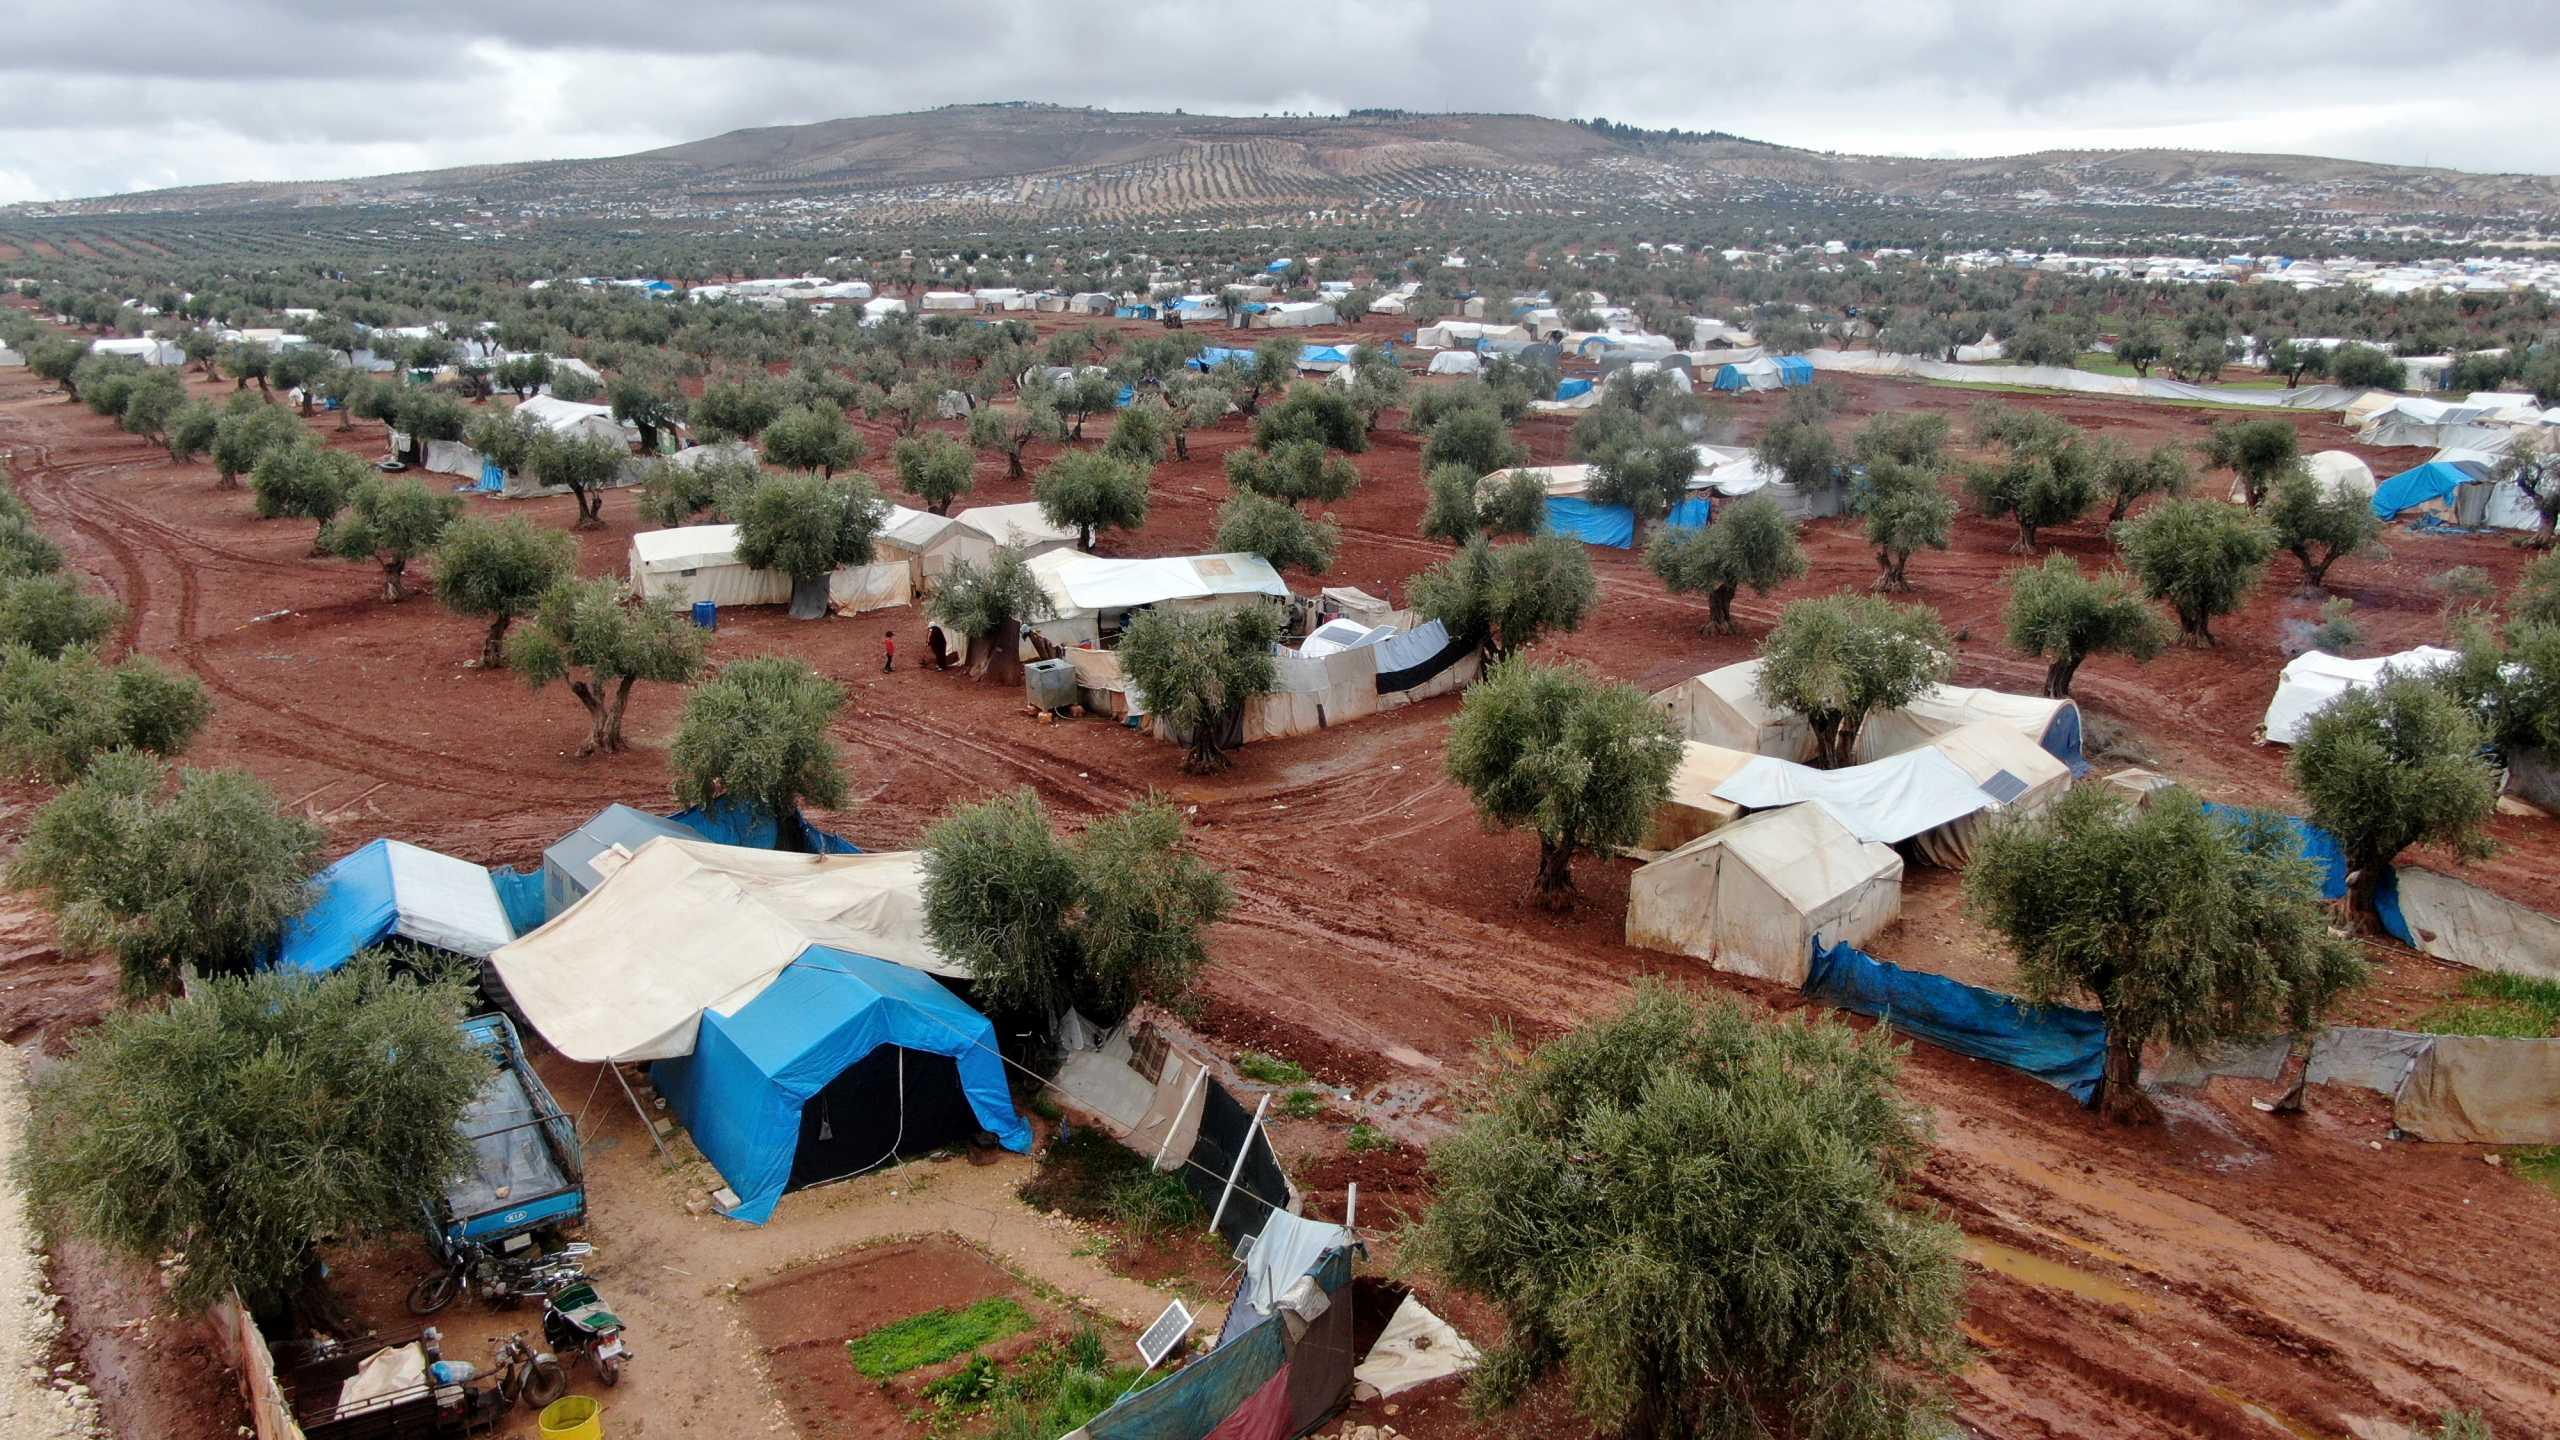 Συρία: Η ξηρασία απειλεί να επιδεινώσει ακόμη περισσότερο την πείνας στη χώρα